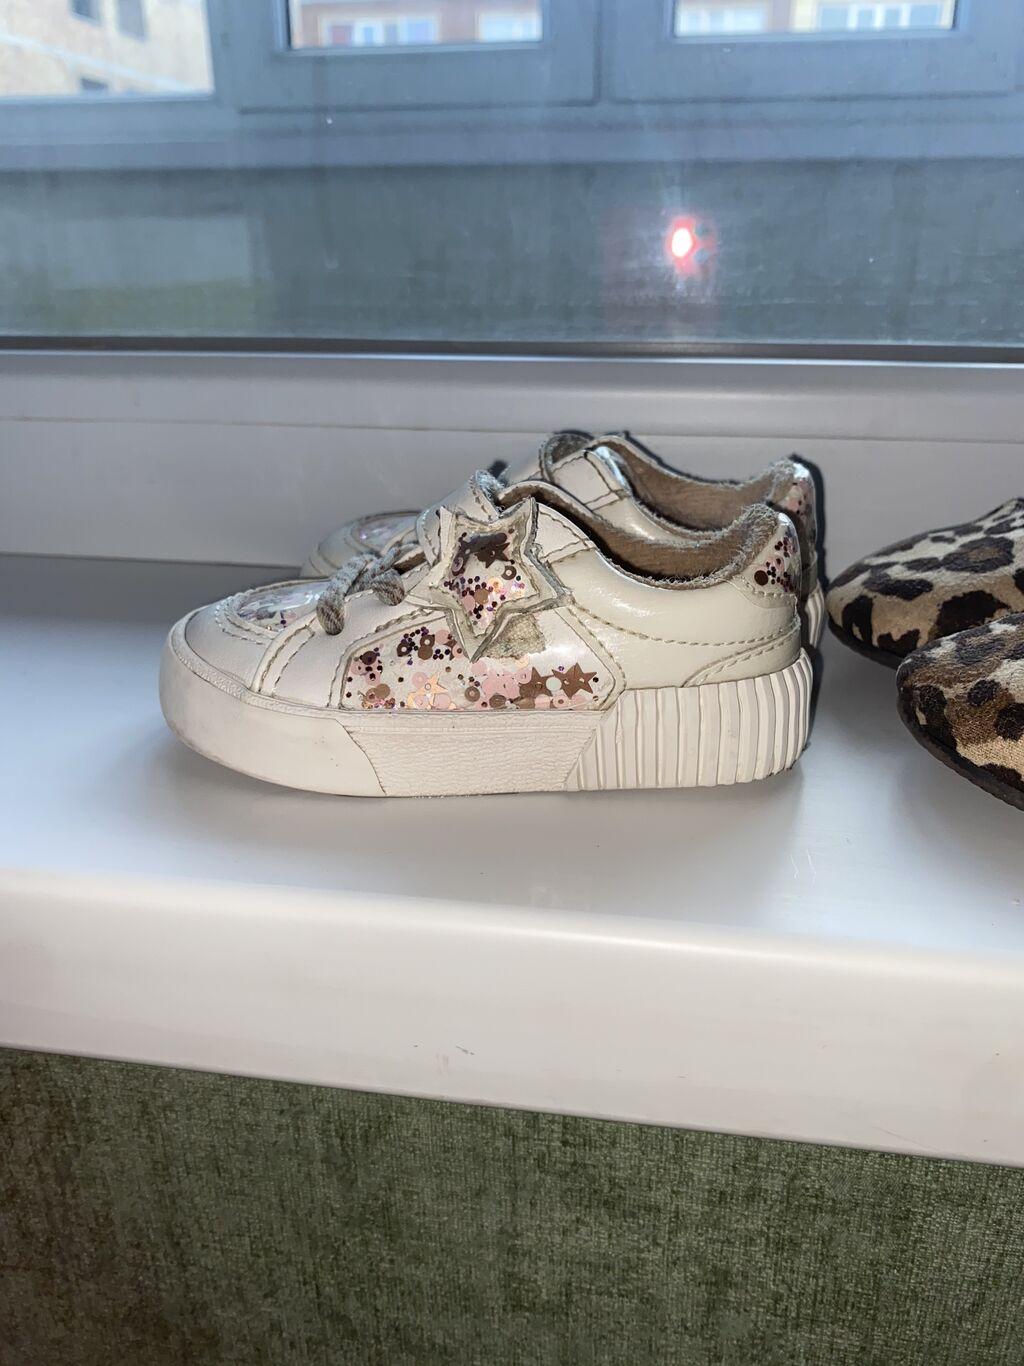 Продаю детскую обувь в хорошем состоянии. Кроссовки белые 19 размер от: Продаю детскую обувь в хорошем состоянии. Кроссовки белые 19 размер от